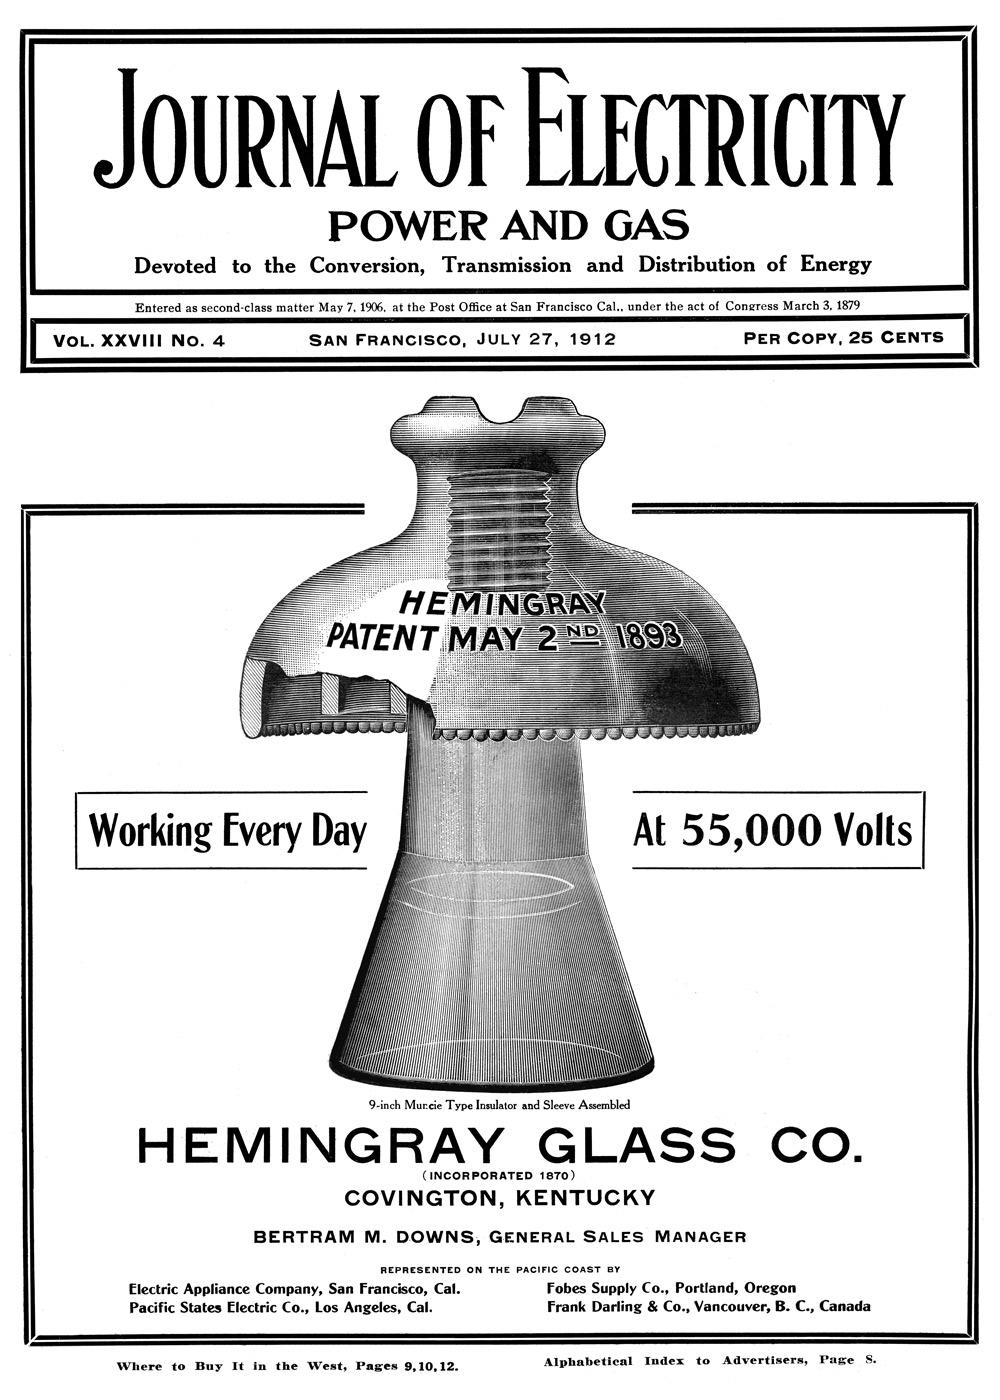 Hemingray Muncie The Gerry Insulator